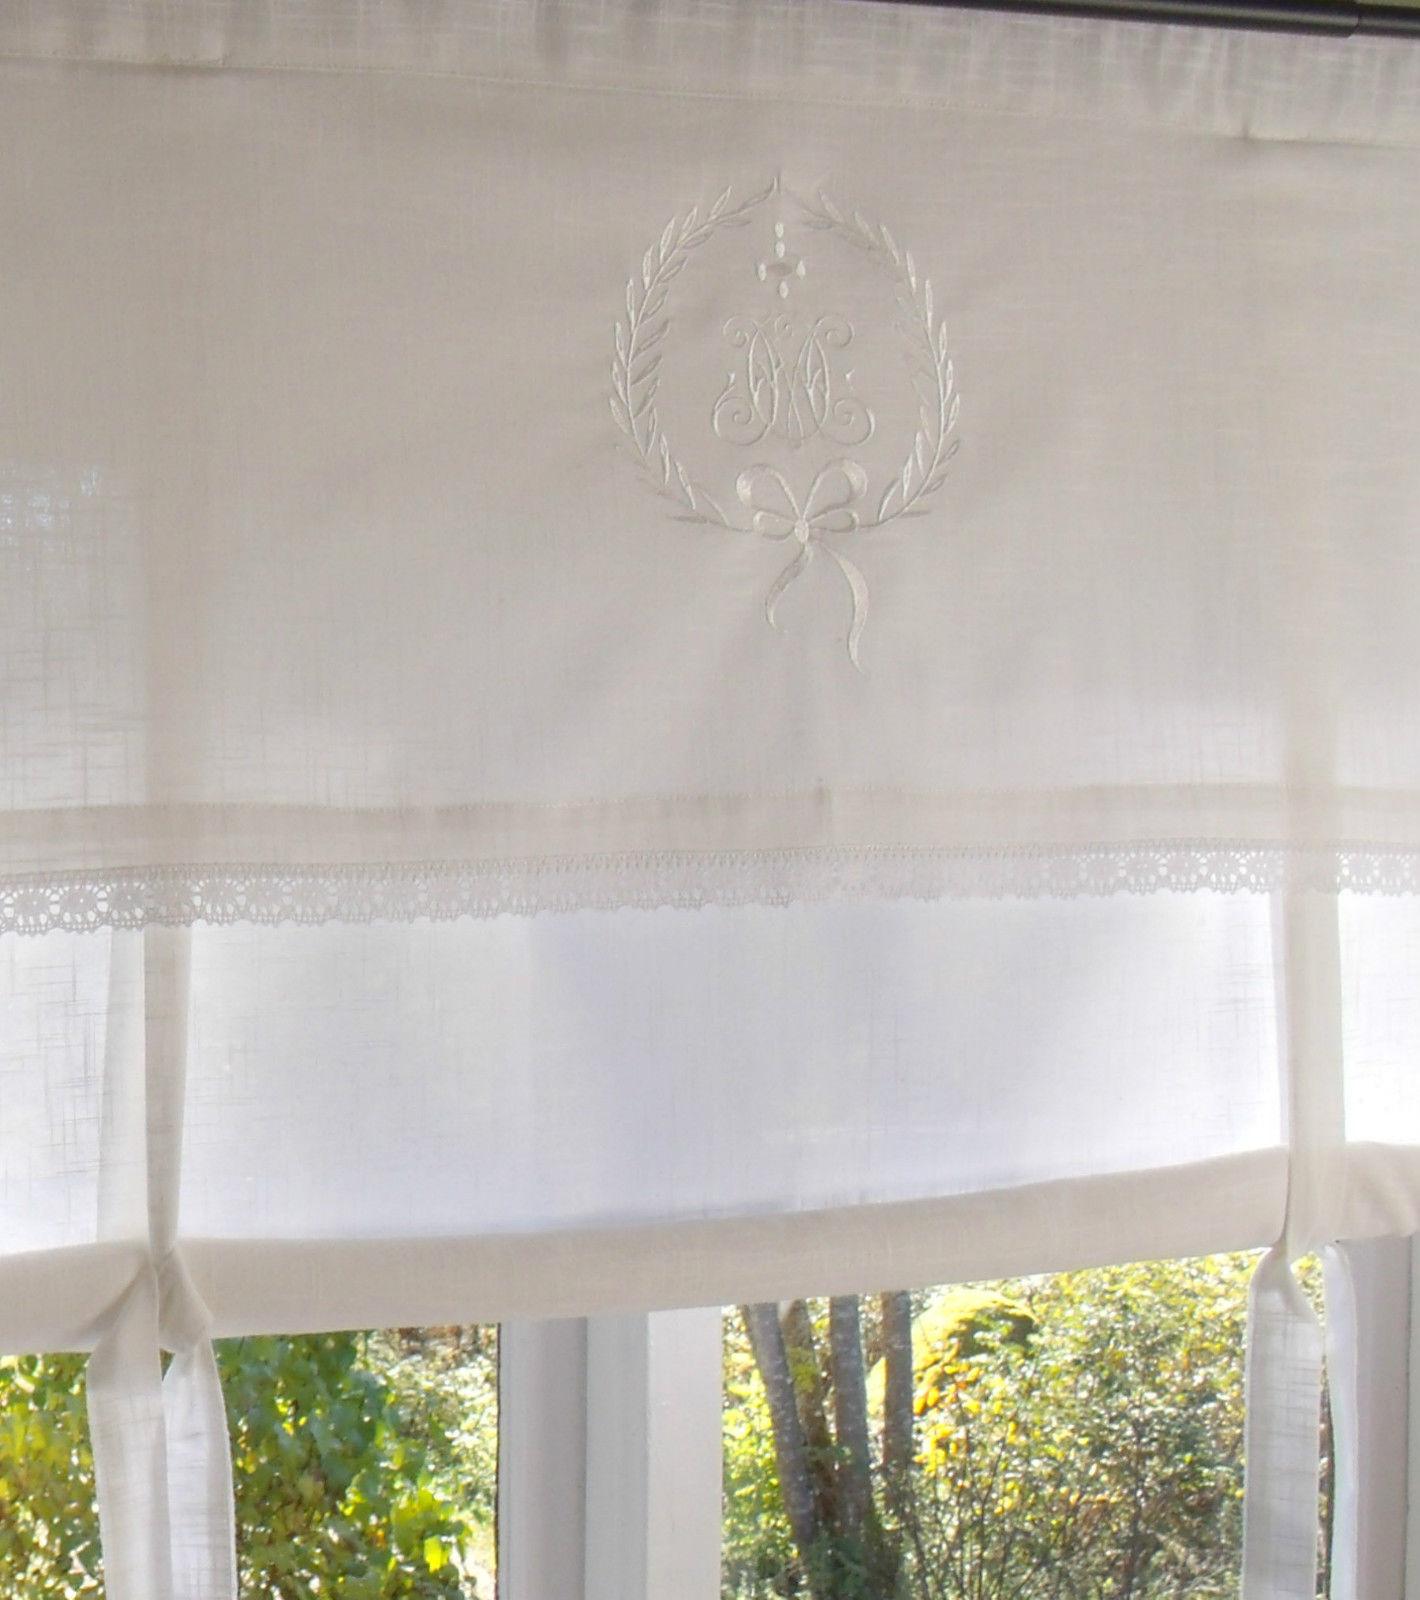 Raff gardine amalie weiss rollo 180x100 cm raffgardinen rollos gardinen zauberhafter - Raffgardinen landhausstil ...